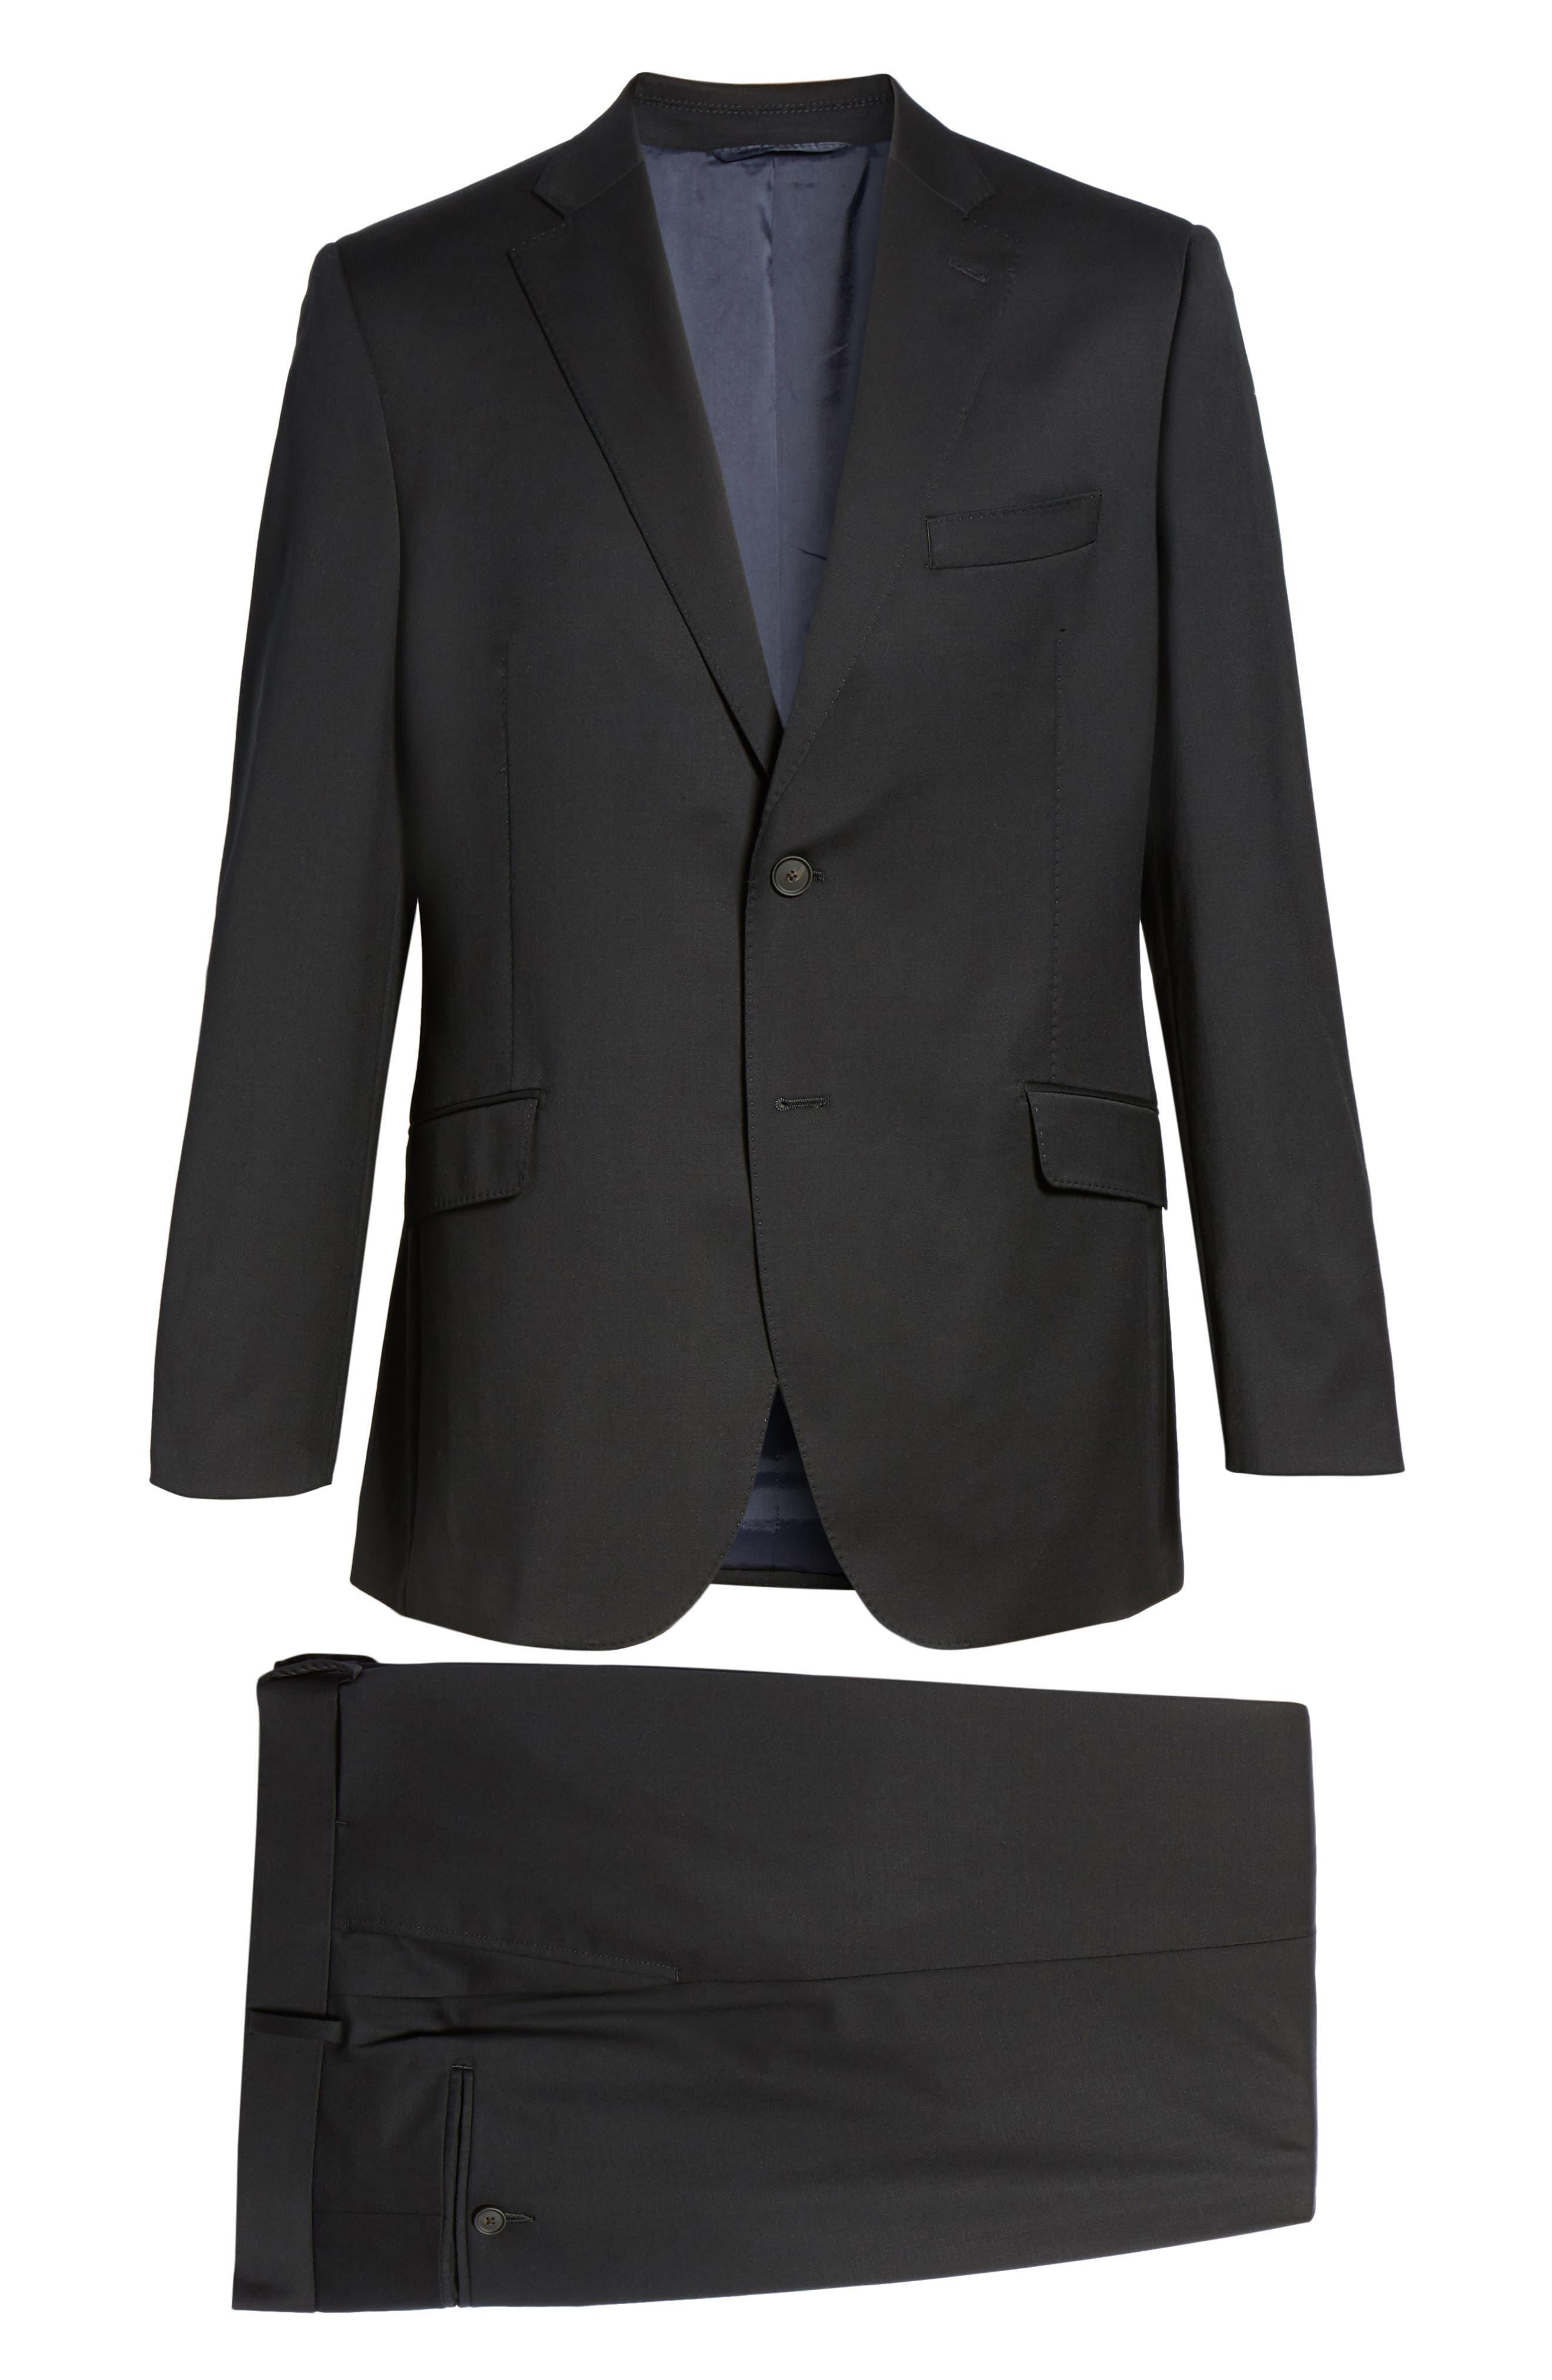 Keidis Aim Classic Fit Stretch Wool Suit,                             Alternate thumbnail 8, color,                             BLACK